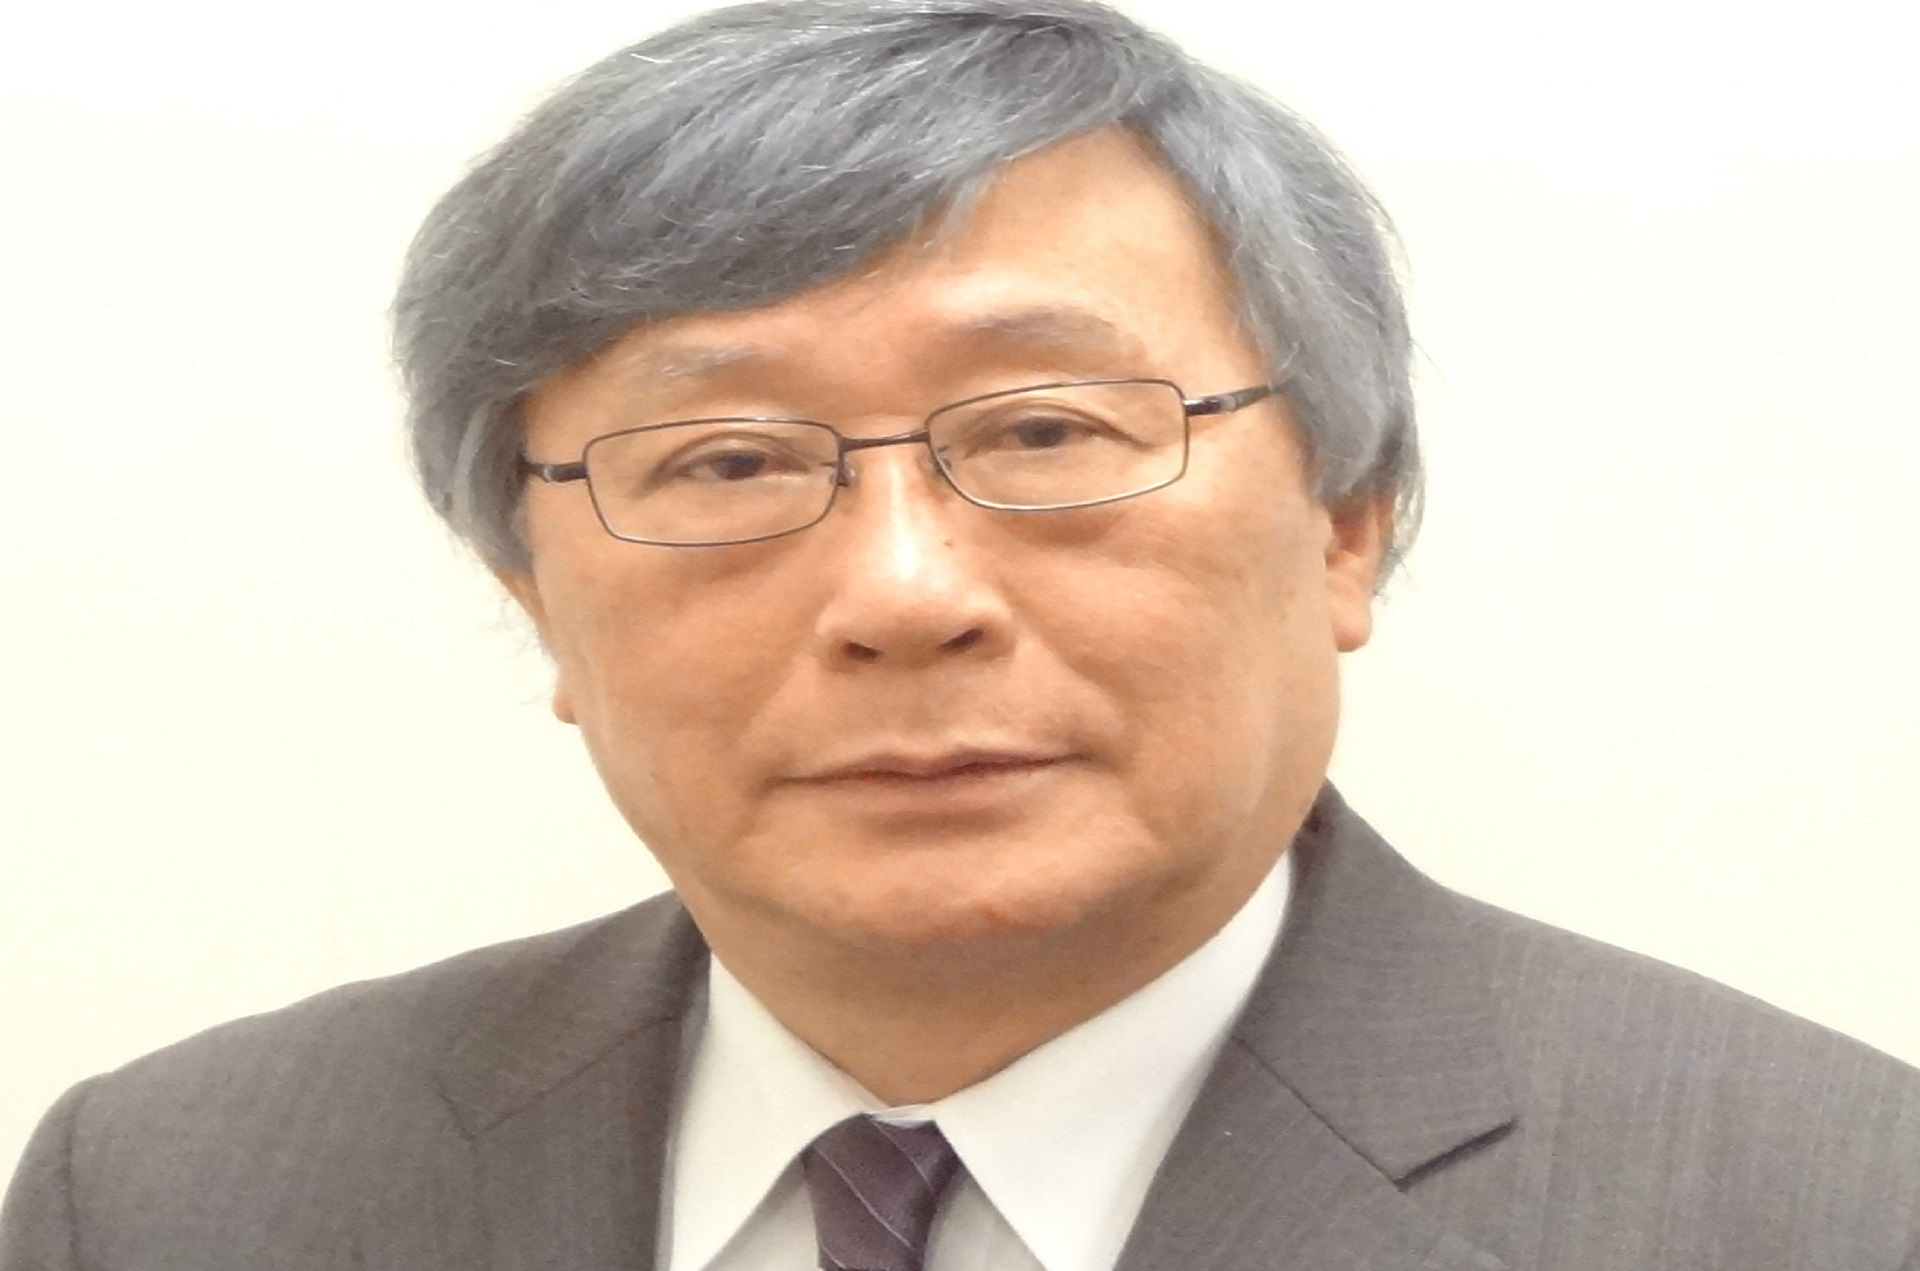 Takashi-INOUE-BIO-photo